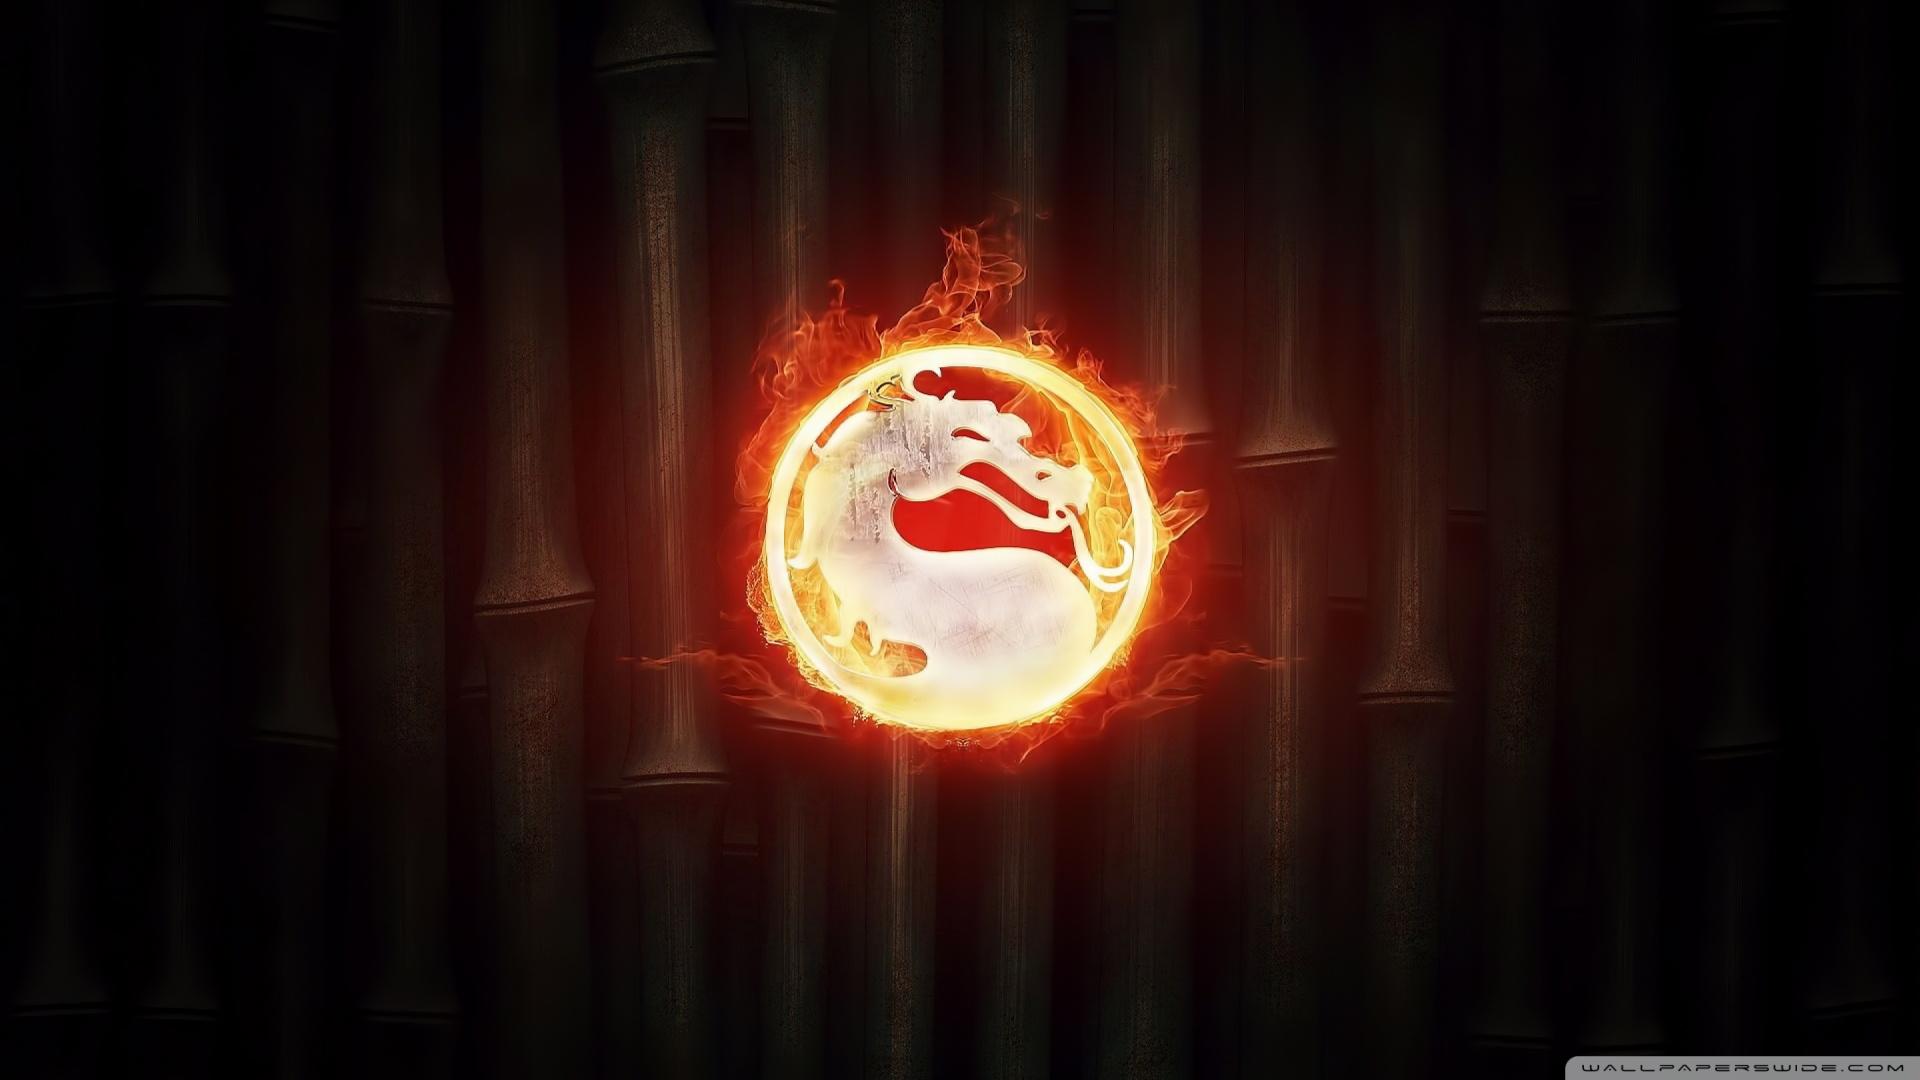 تصاویری از پروژهی لغو شدهی ریمستر Mortal Kombat منتشر شد